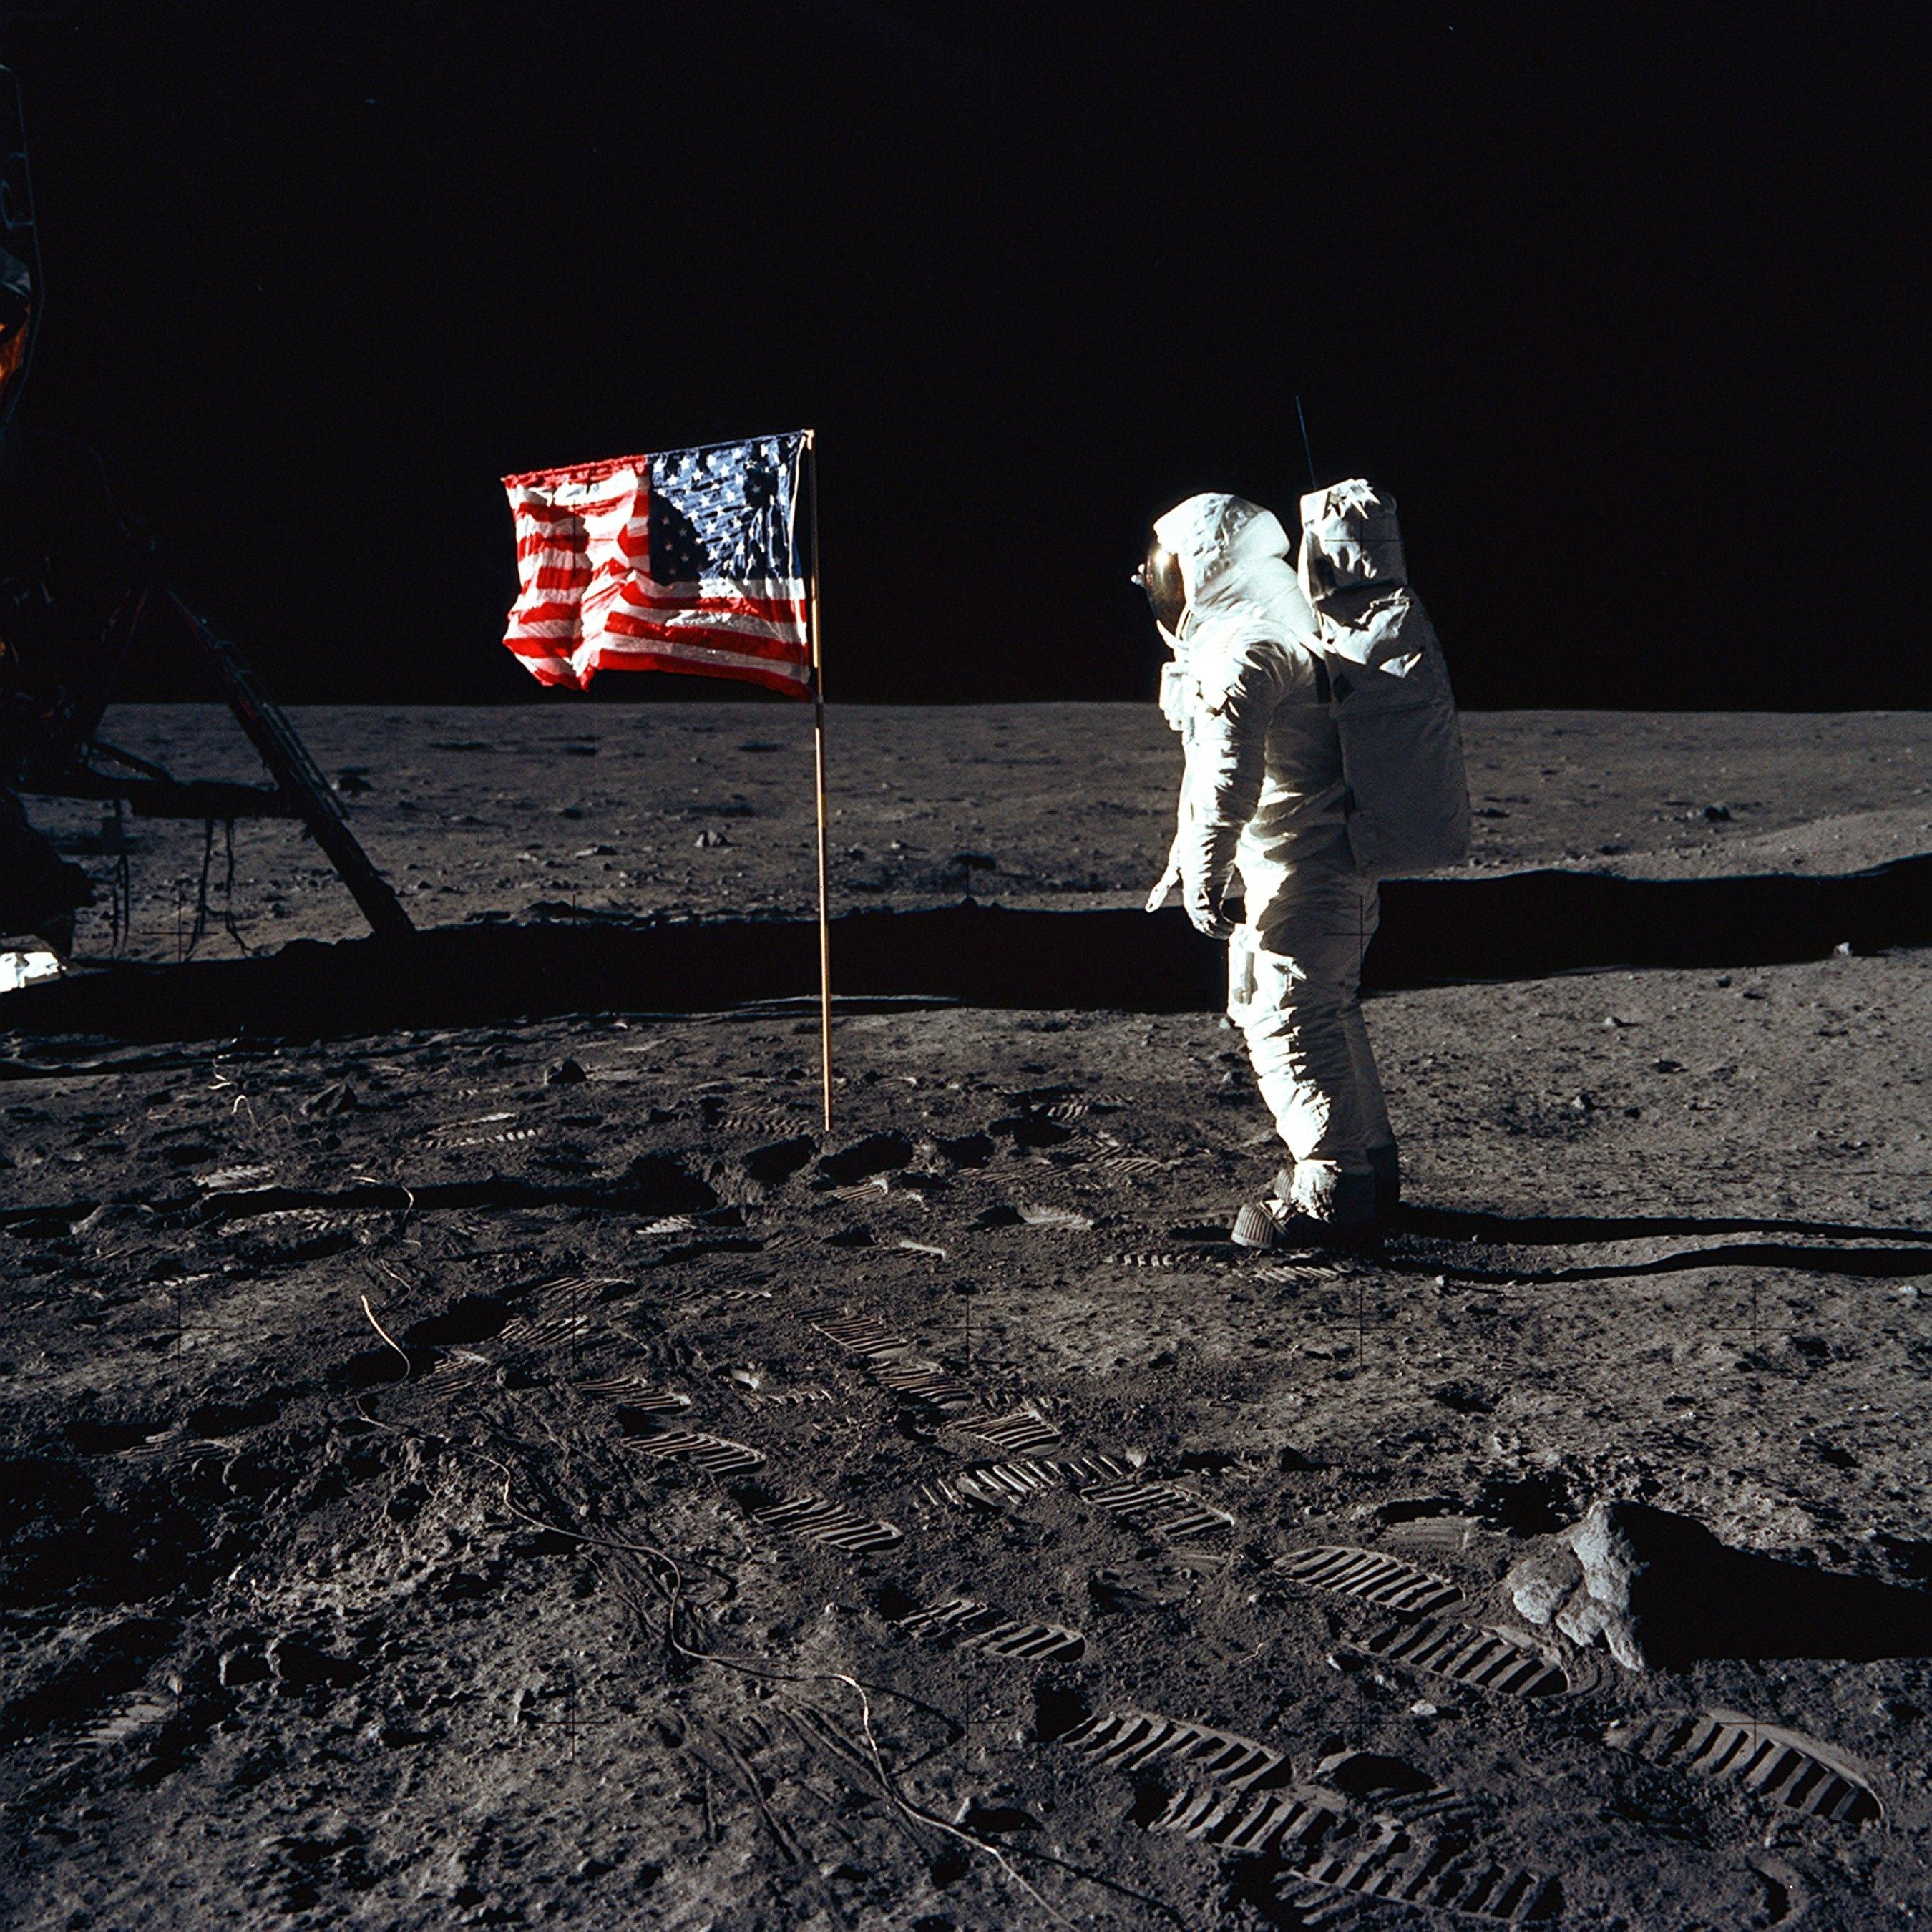 Buzz Aldrin est alors à 10 mètres au nord du module lunaire